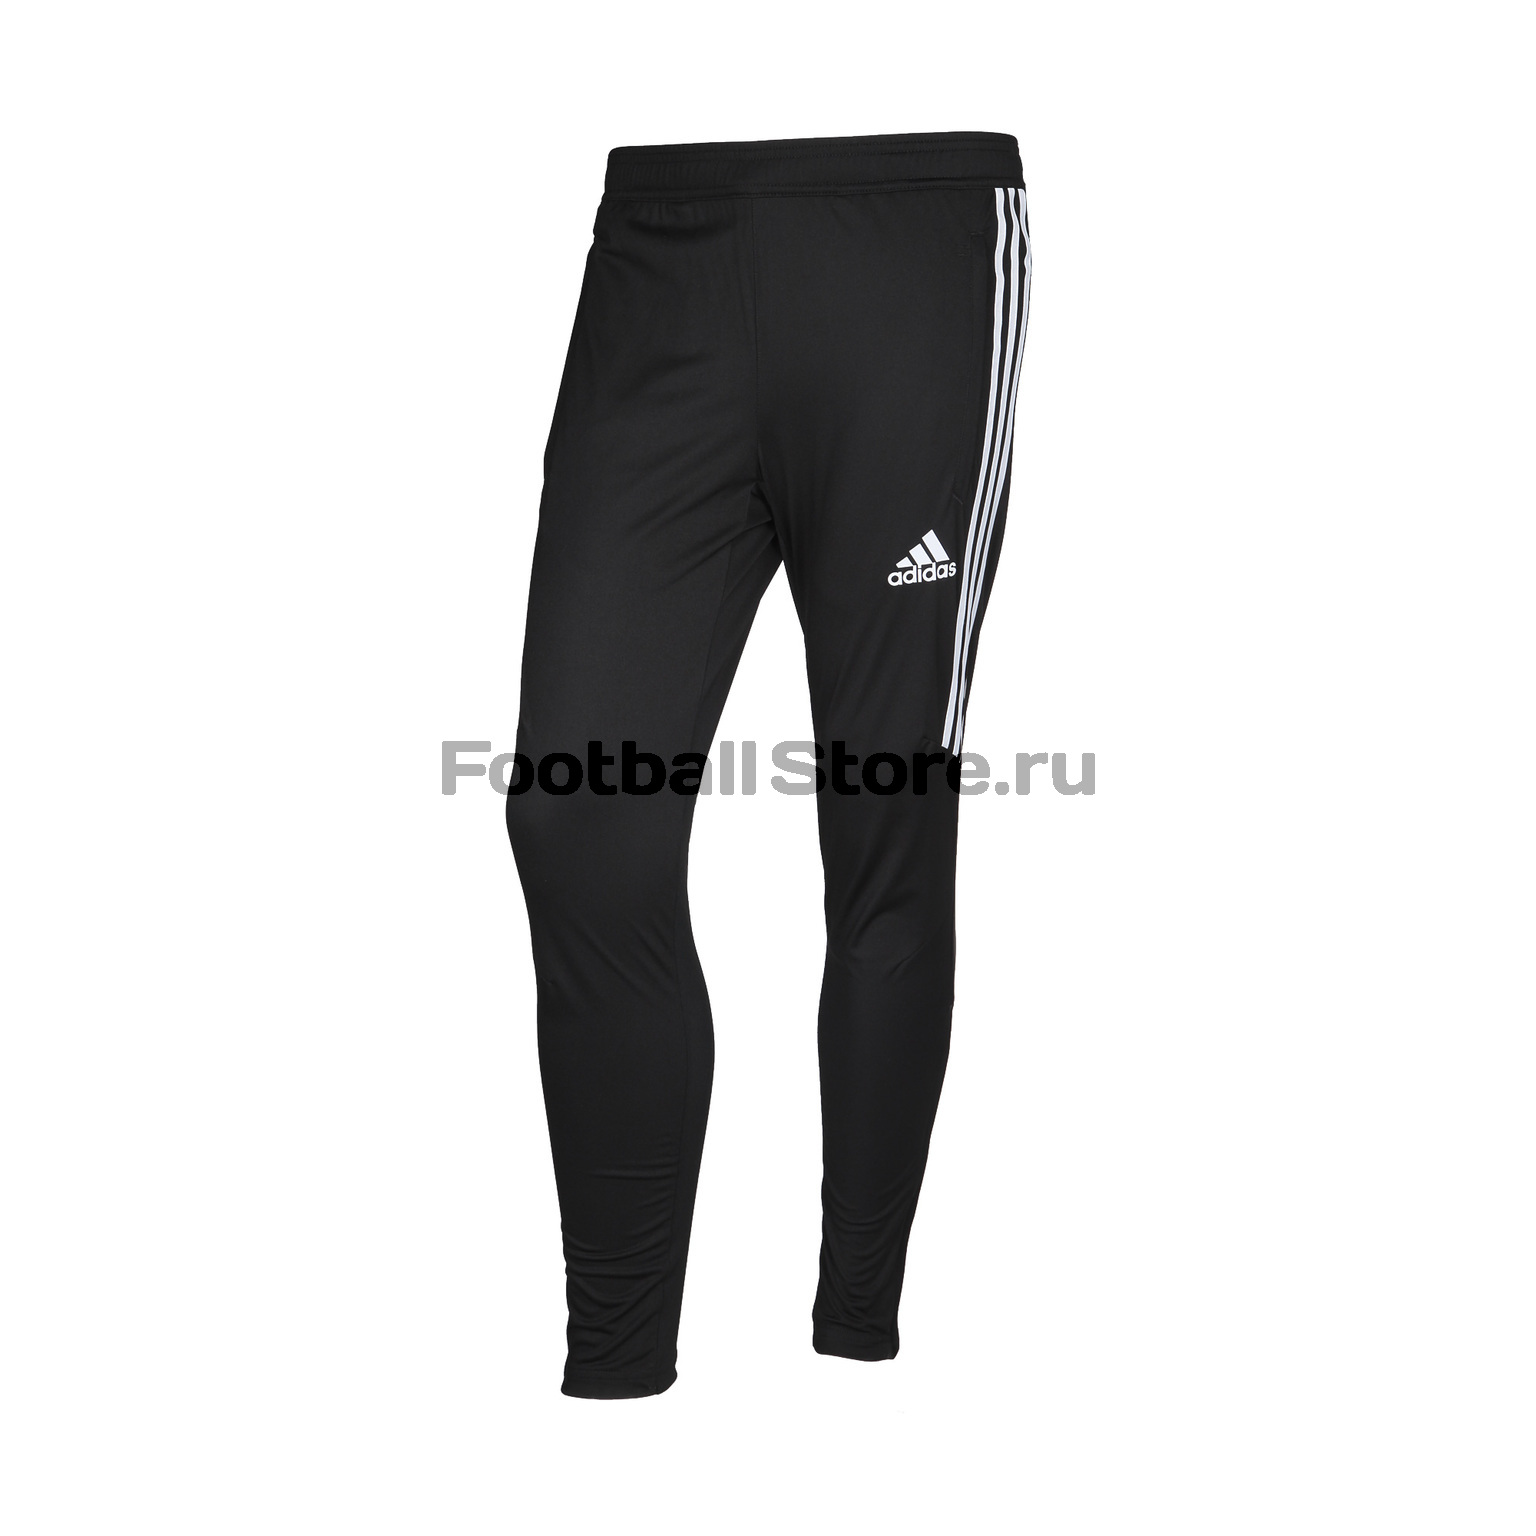 цена на Брюки тренировочные Adidas Tiro17 TR Pant AZ9758